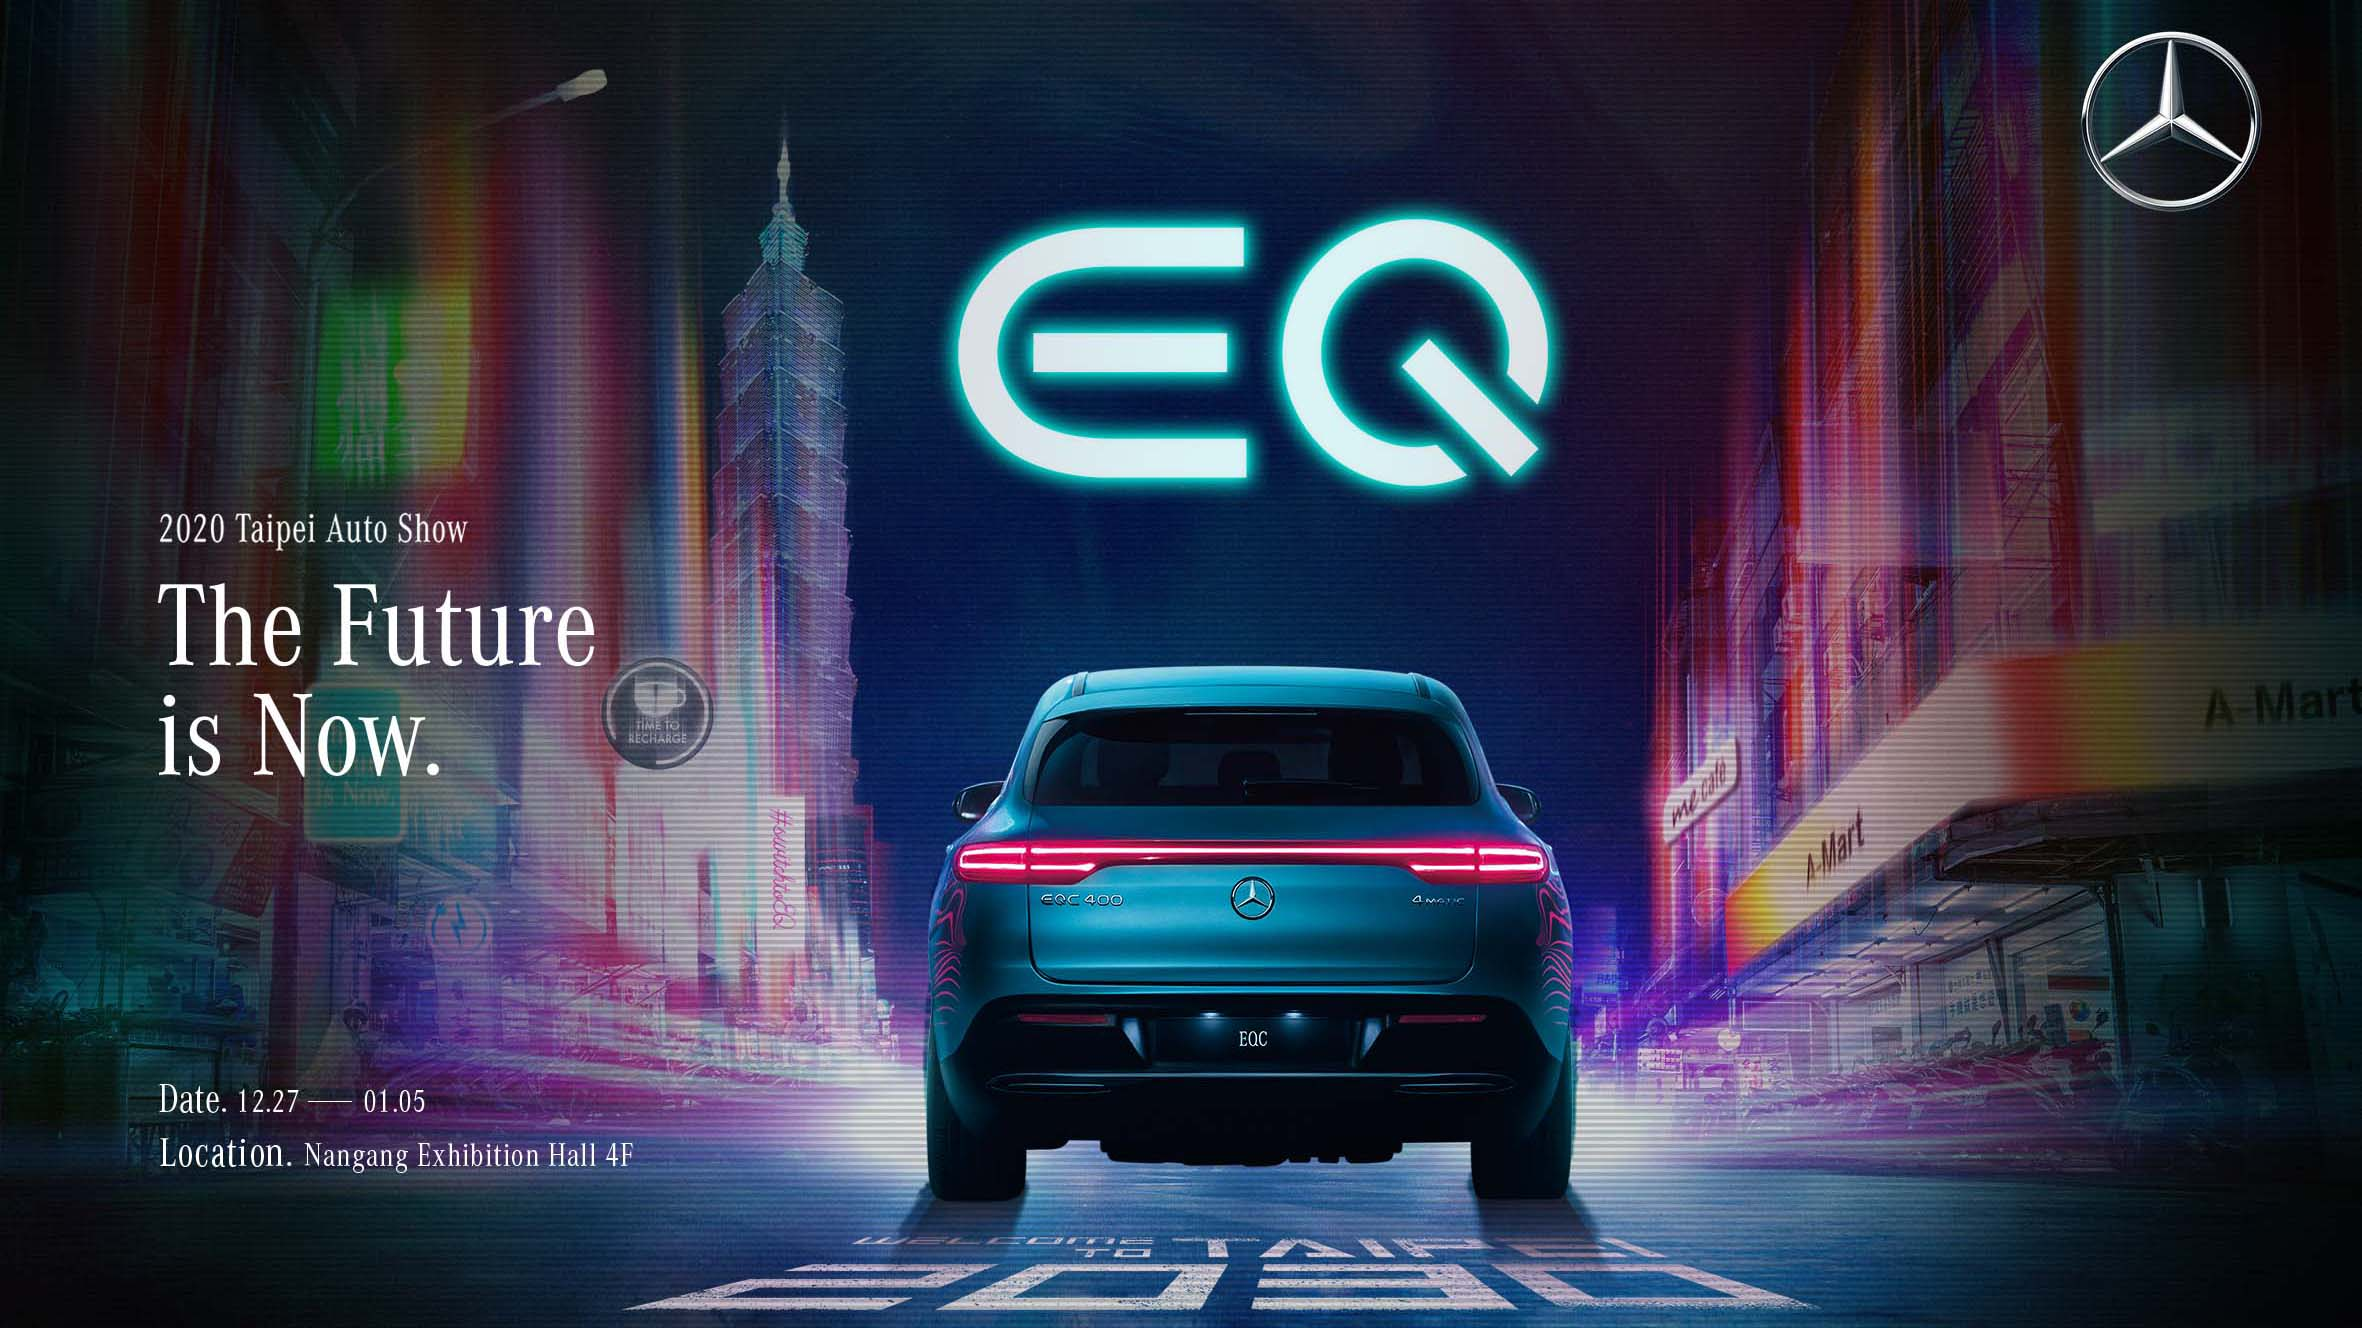 【2020 台北車展】 Mercedes-Benz EQC 純電休旅即將亮相,陶晶瑩領銜未來論壇